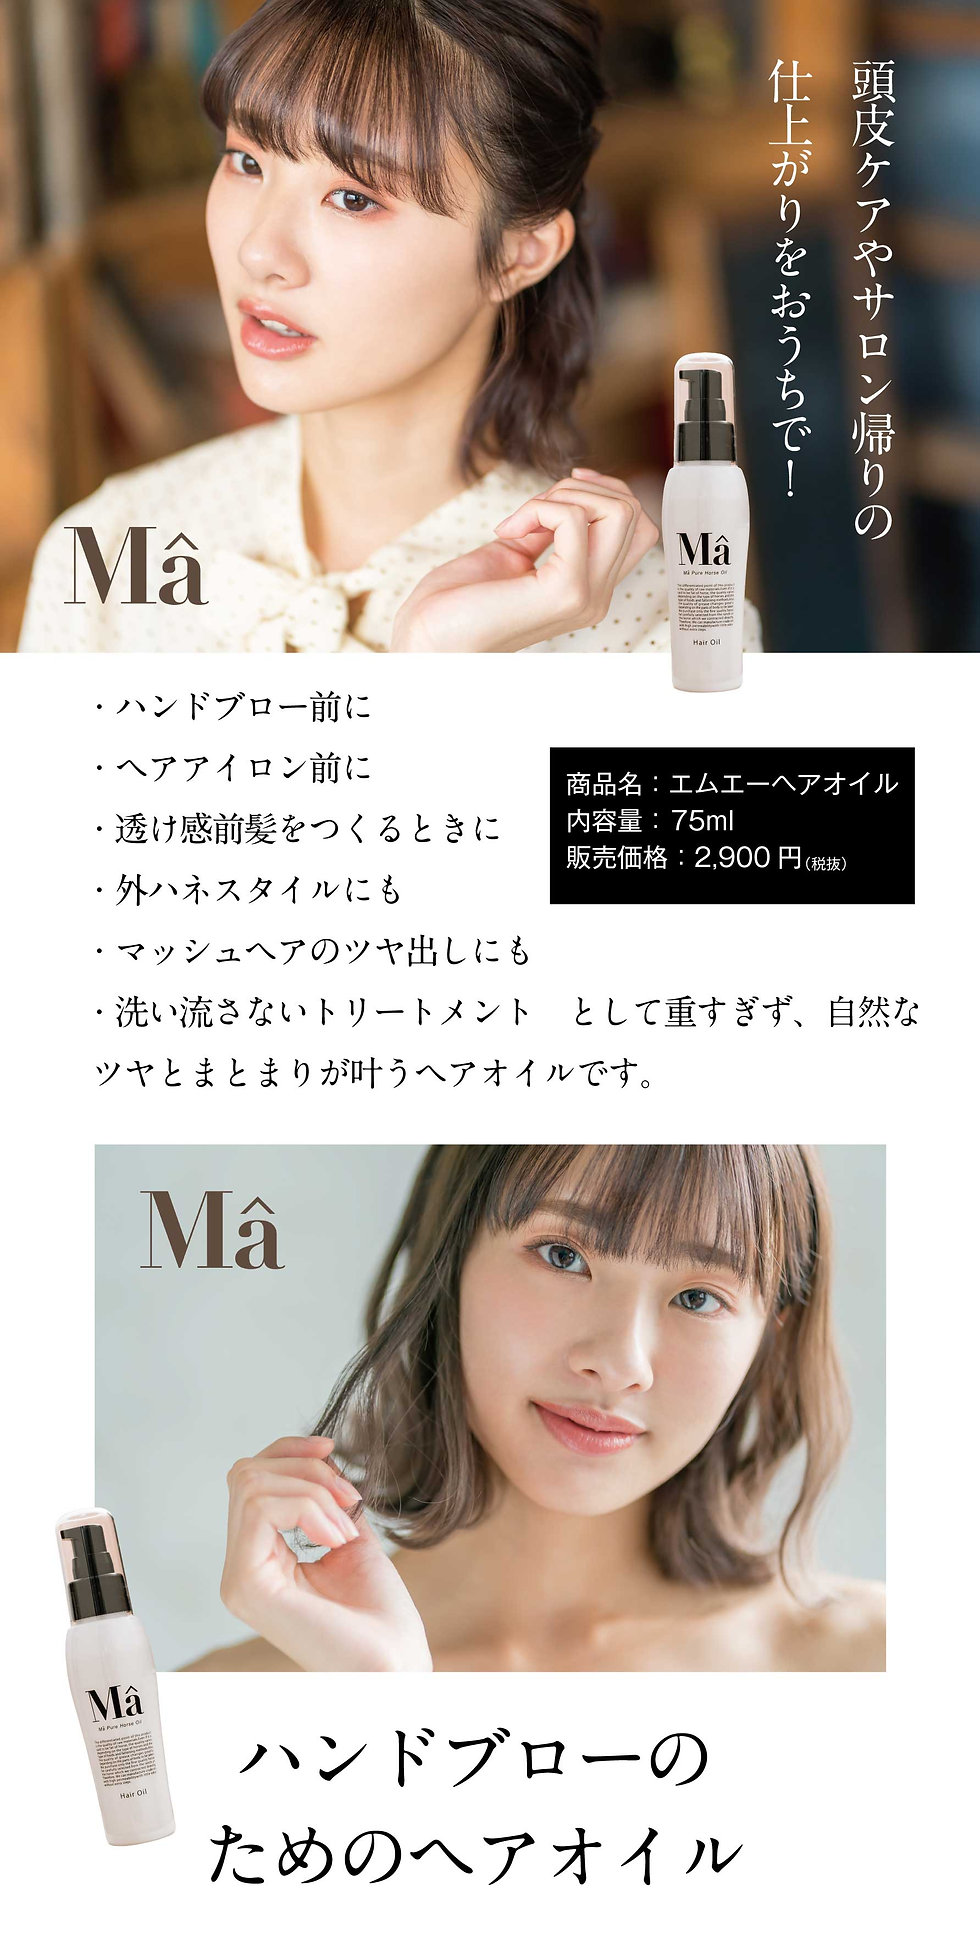 top_image03.jpg